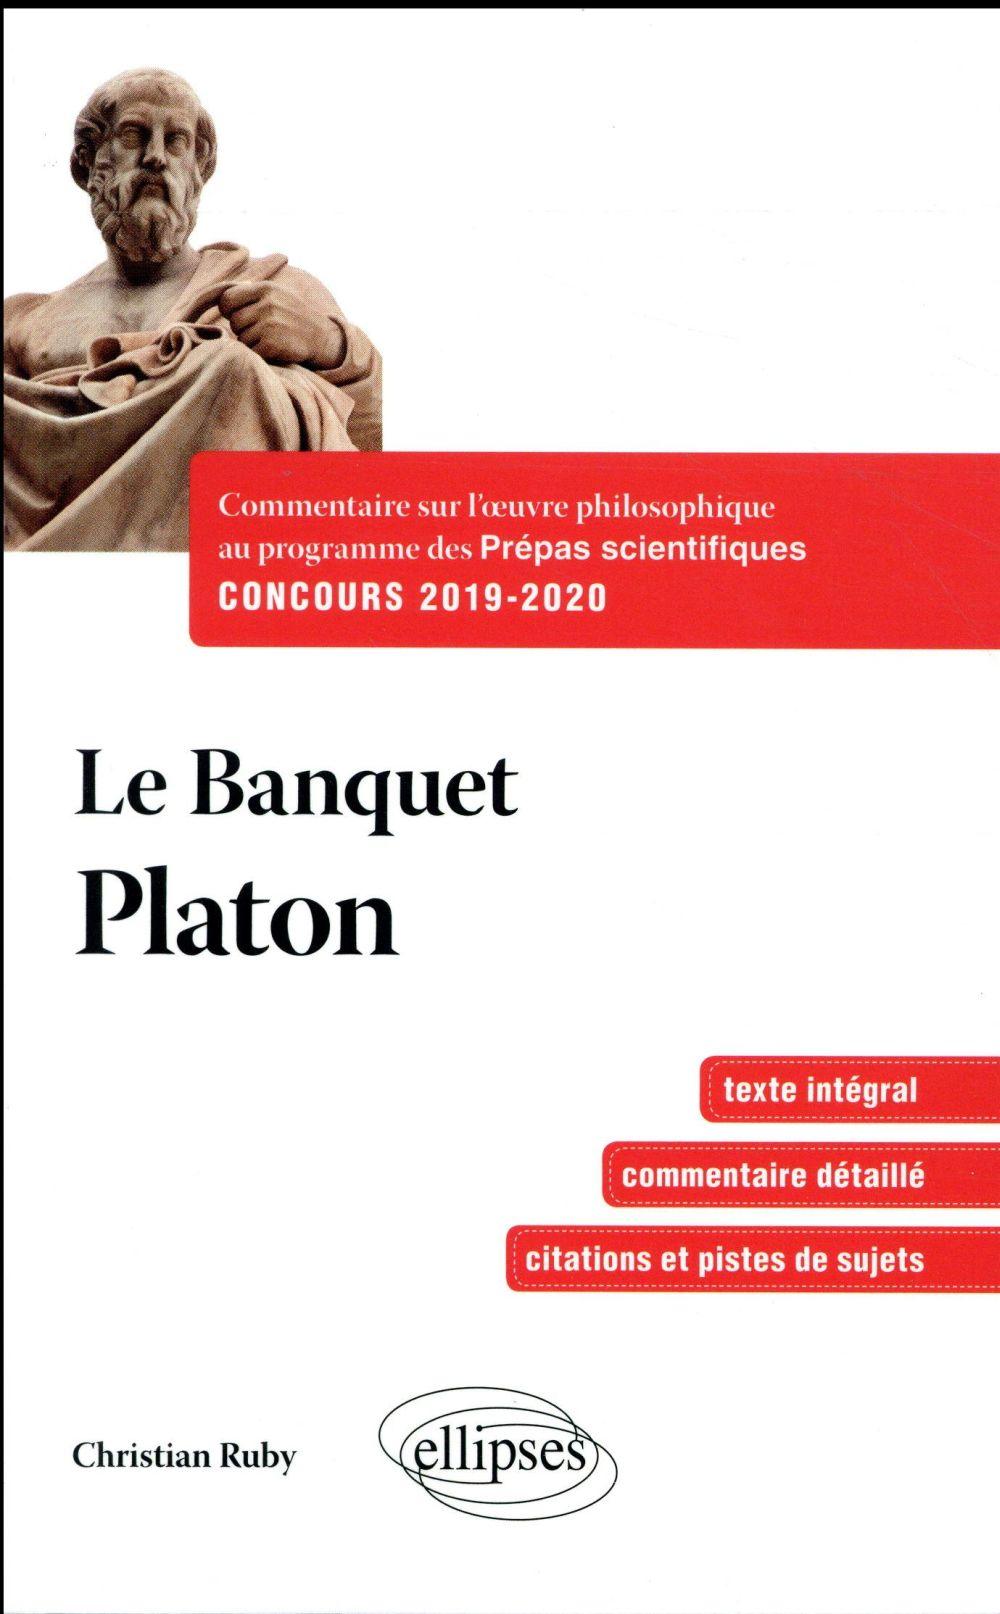 LE BANQUET PLATON COMMENTAIRE OEUVRE PHILOSOHIQUE PROG.PREPAS SCI.1ERE ET 2EME ANNEES CONC.2019-2020